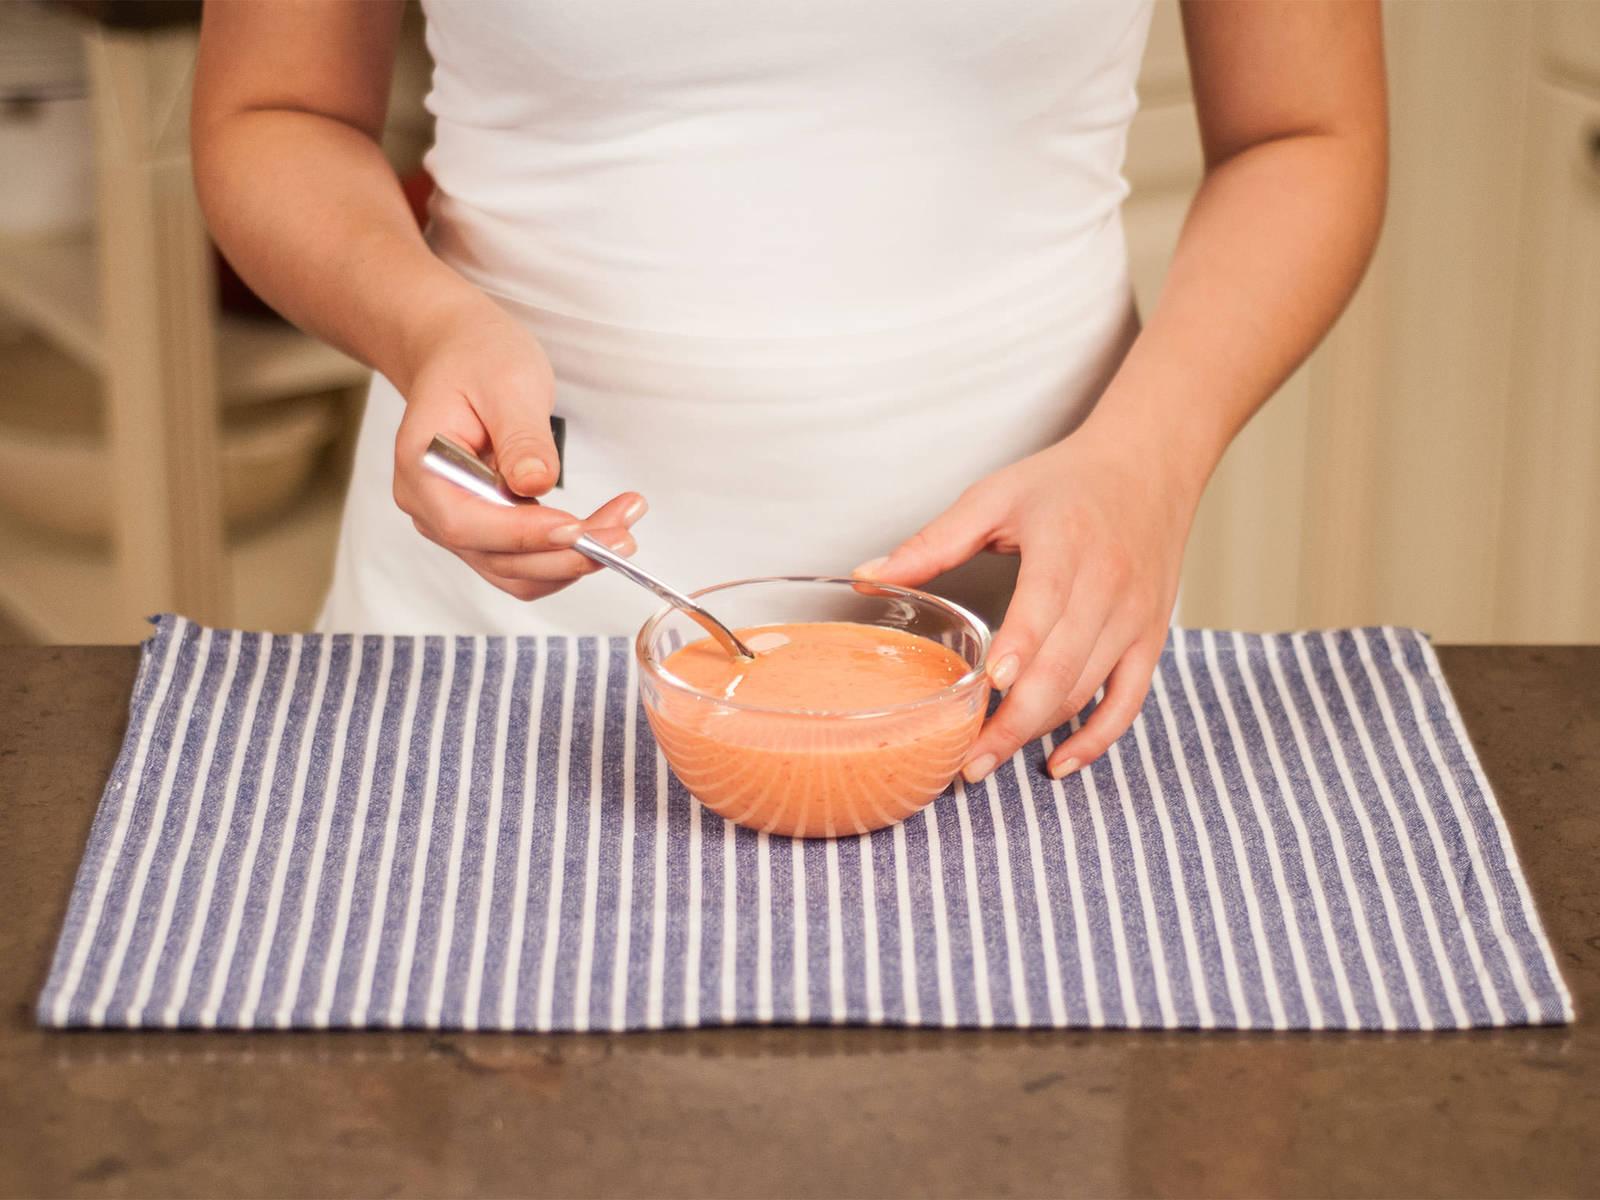 将烤箱预热至 180°C。将豆酱和甜椒酱放入小碗中,拌匀。